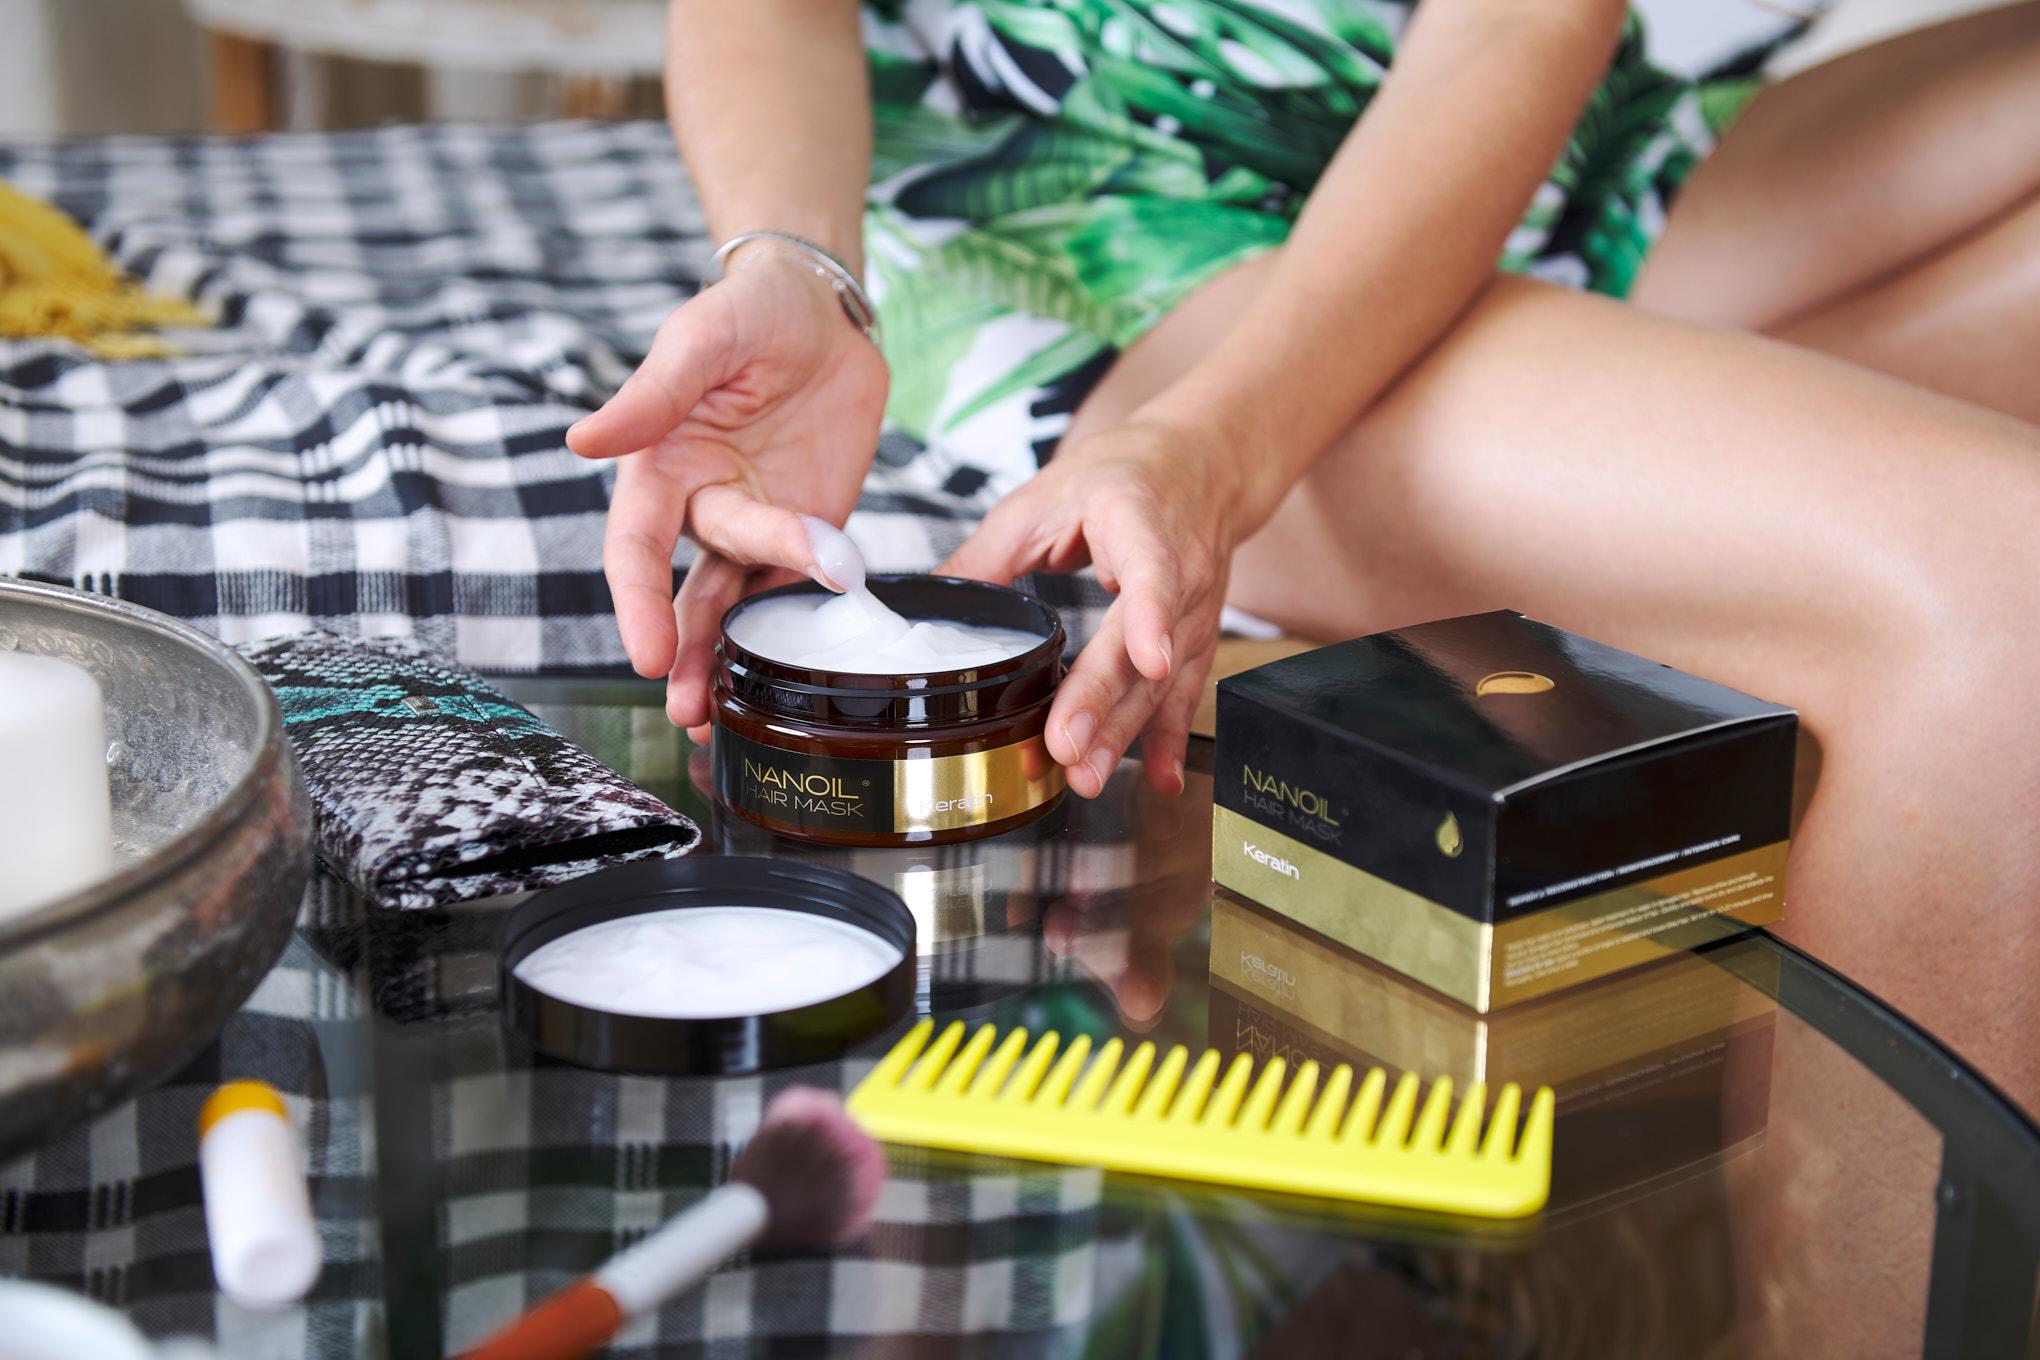 Machera per capelli alla cheratina di Nanoil: i benefici